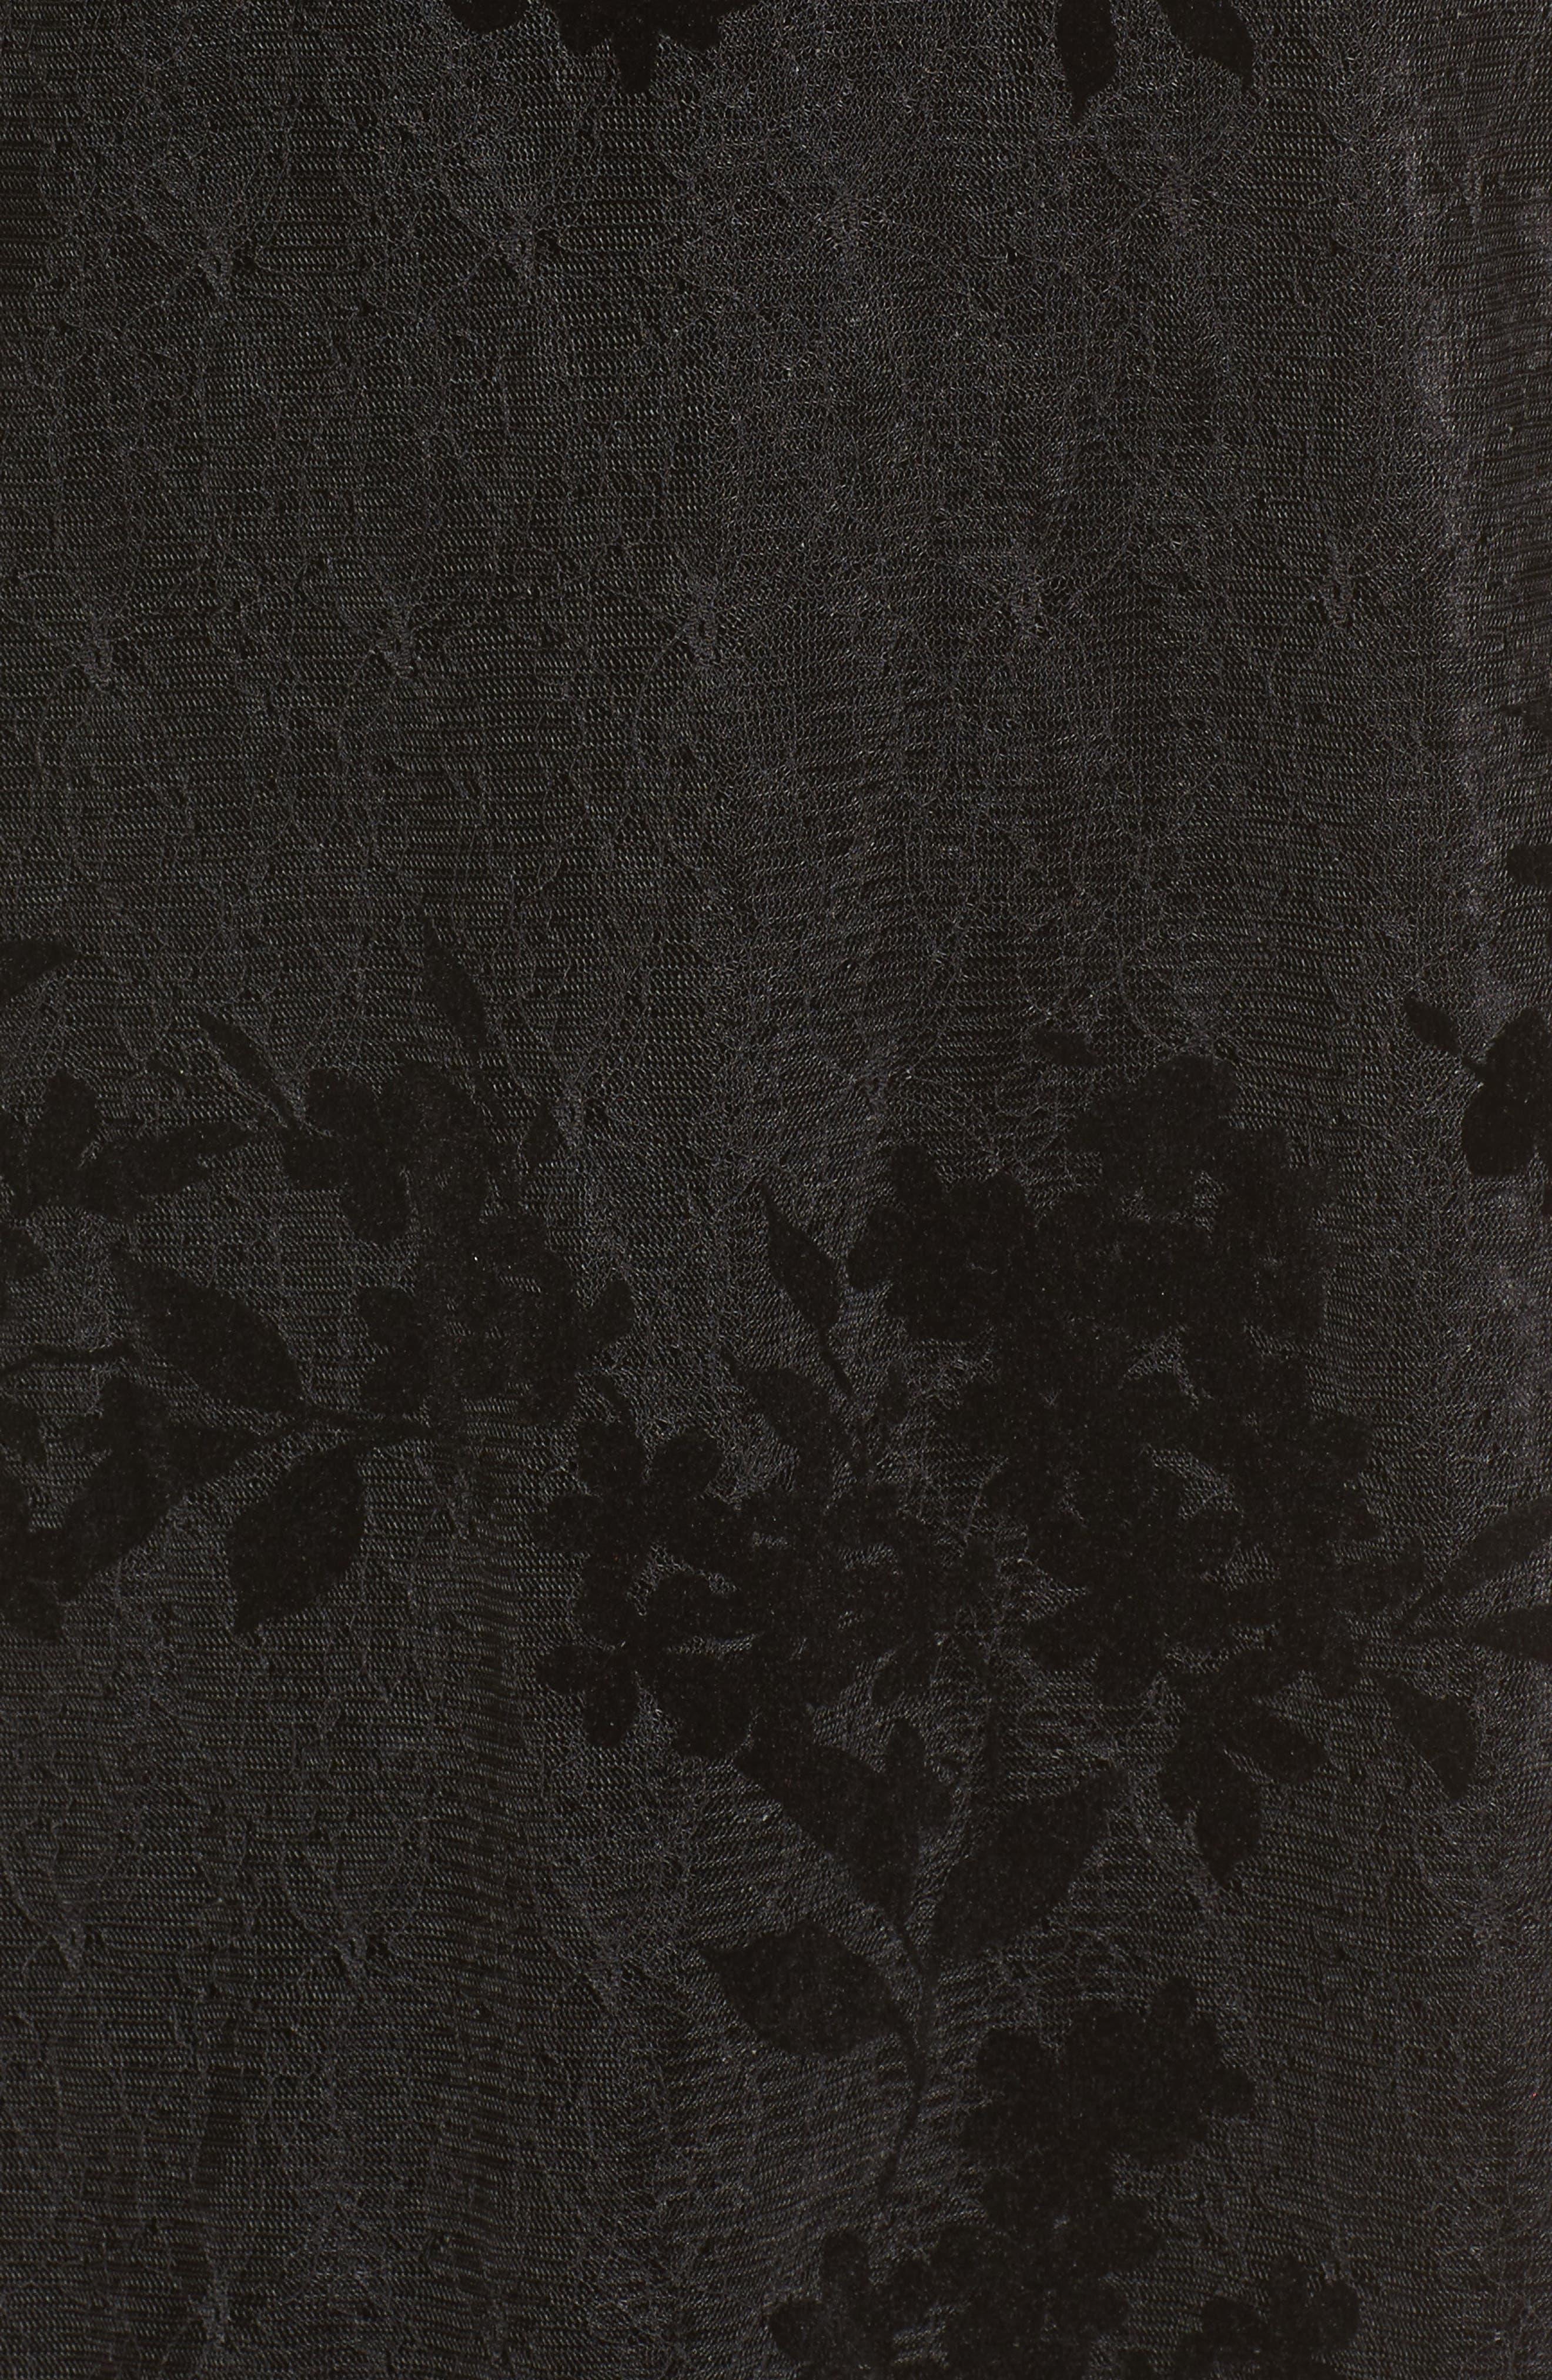 Flocked Lace A-Line Dress,                             Alternate thumbnail 5, color,                             Black Lace